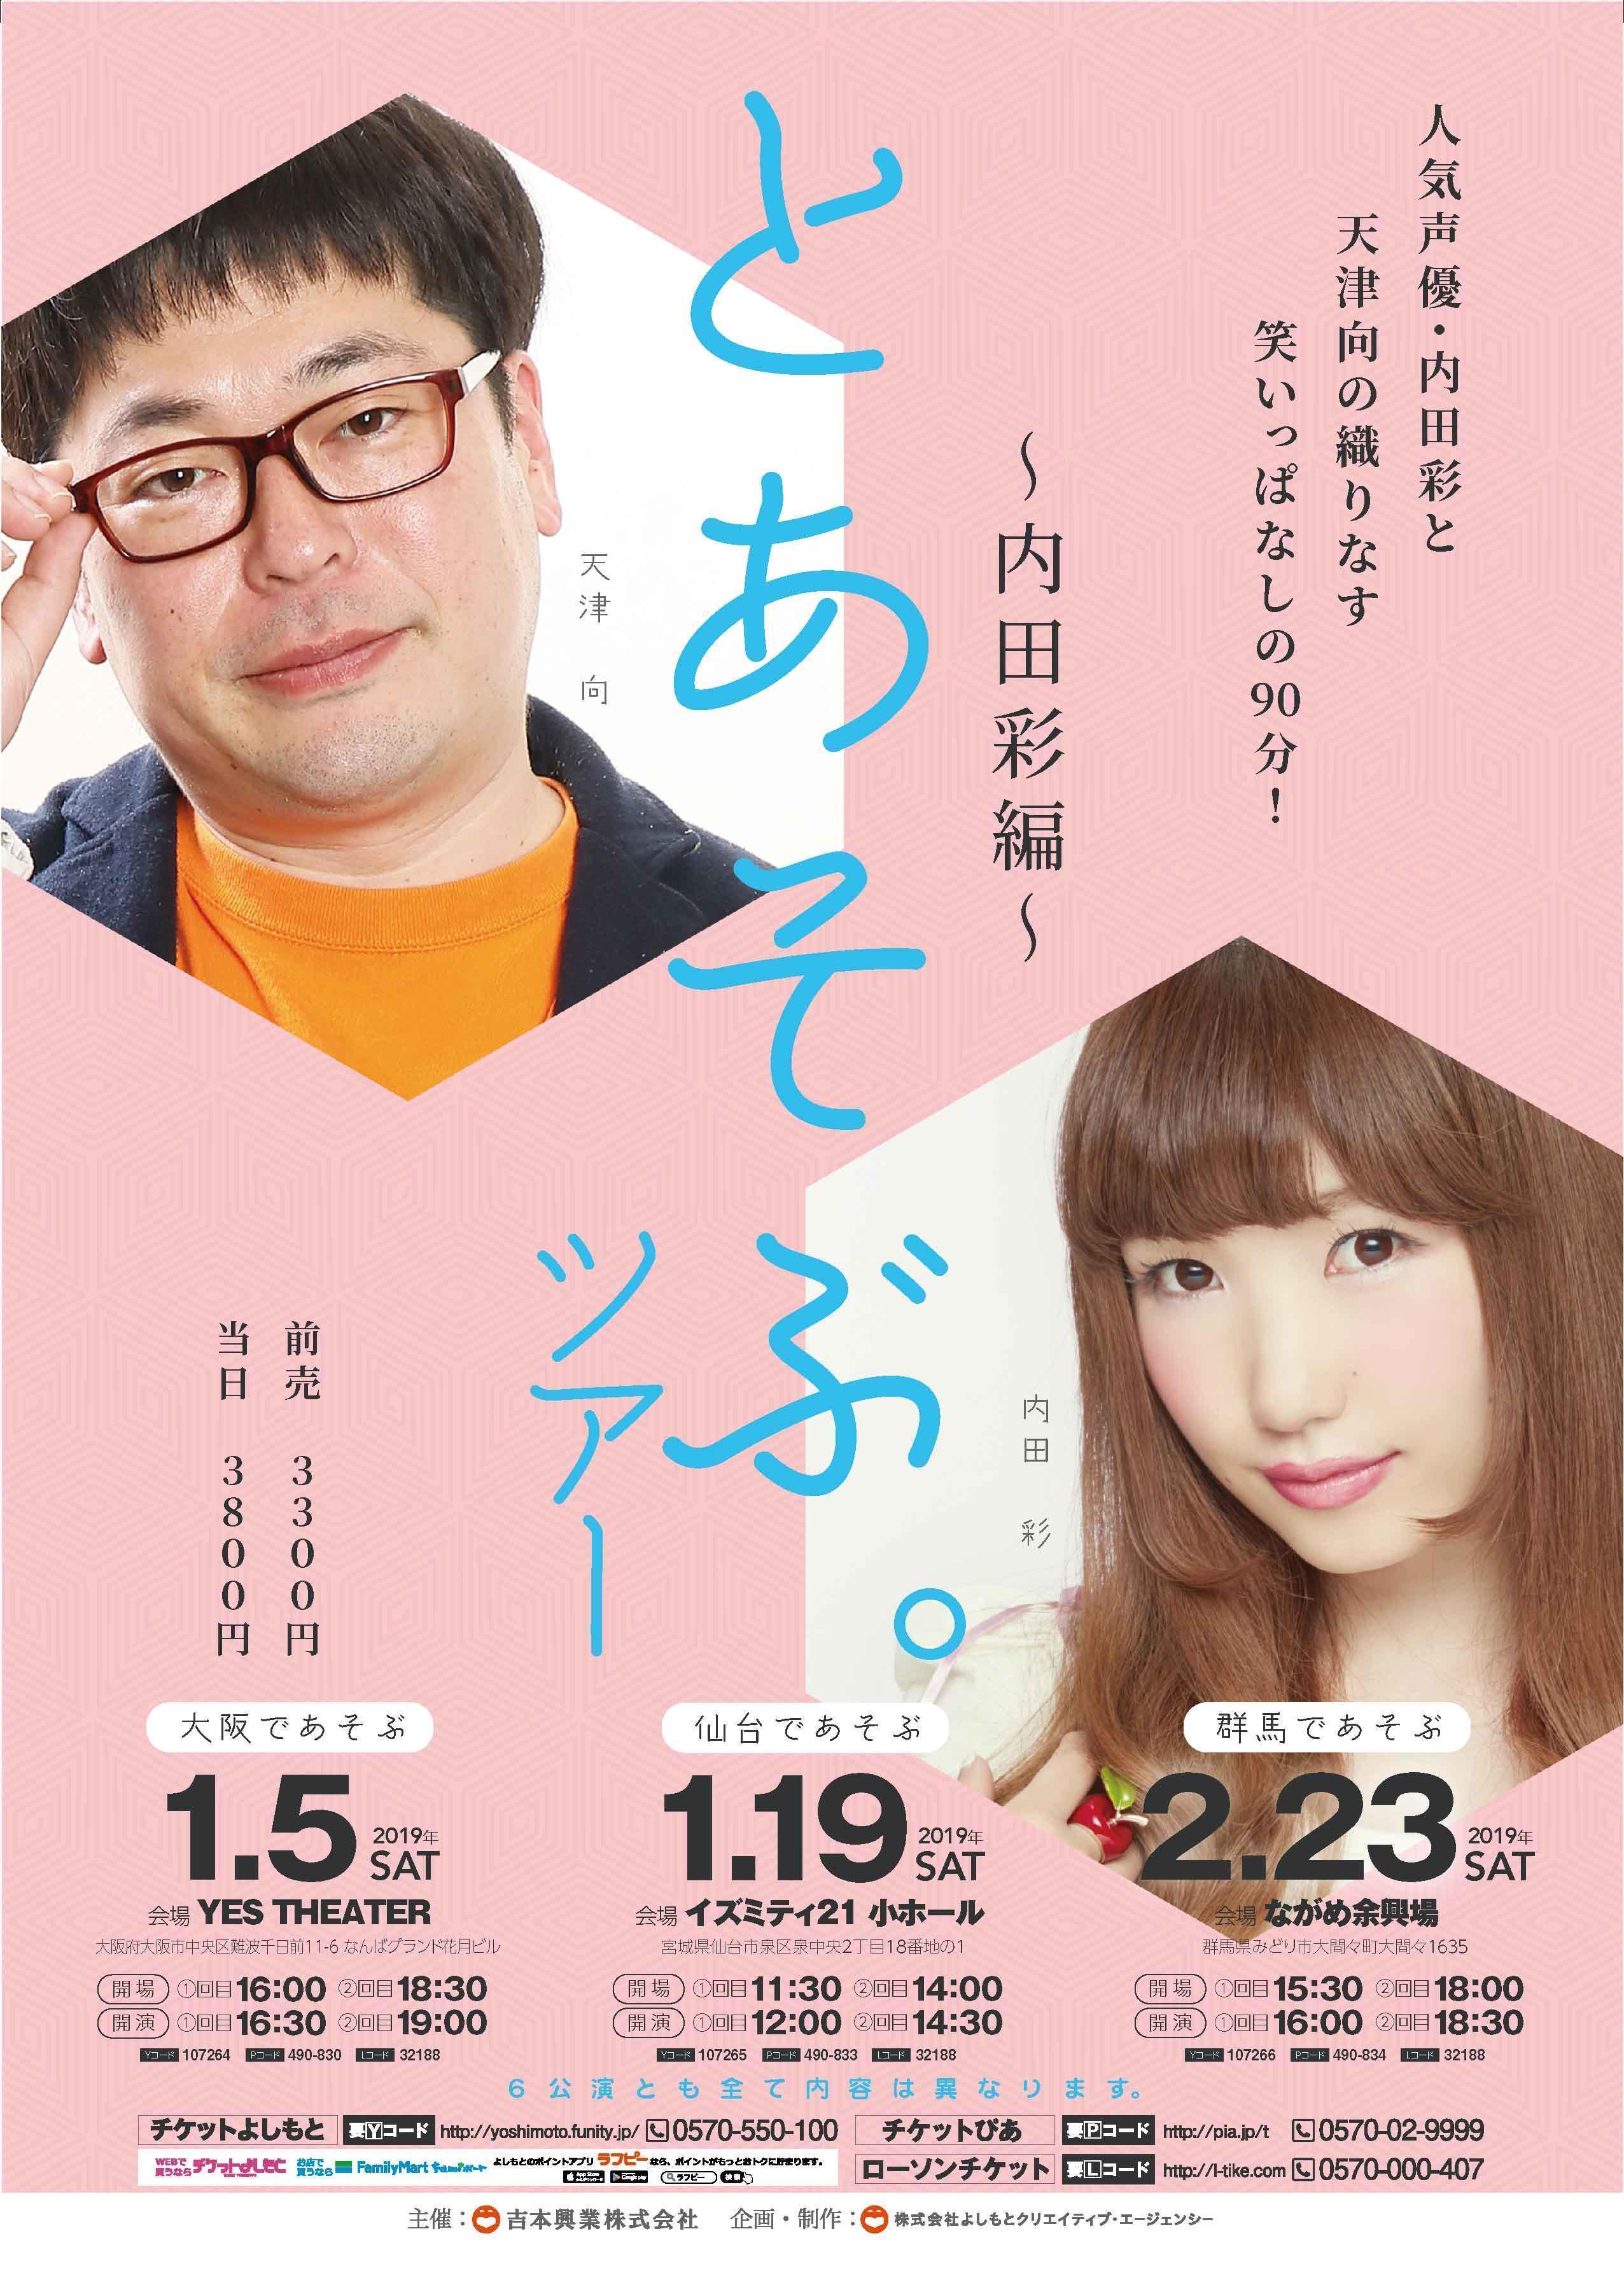 http://news.yoshimoto.co.jp/20181231162408-f11754cfec34c62ce3347ed12ed9dc474f69b89e.jpg